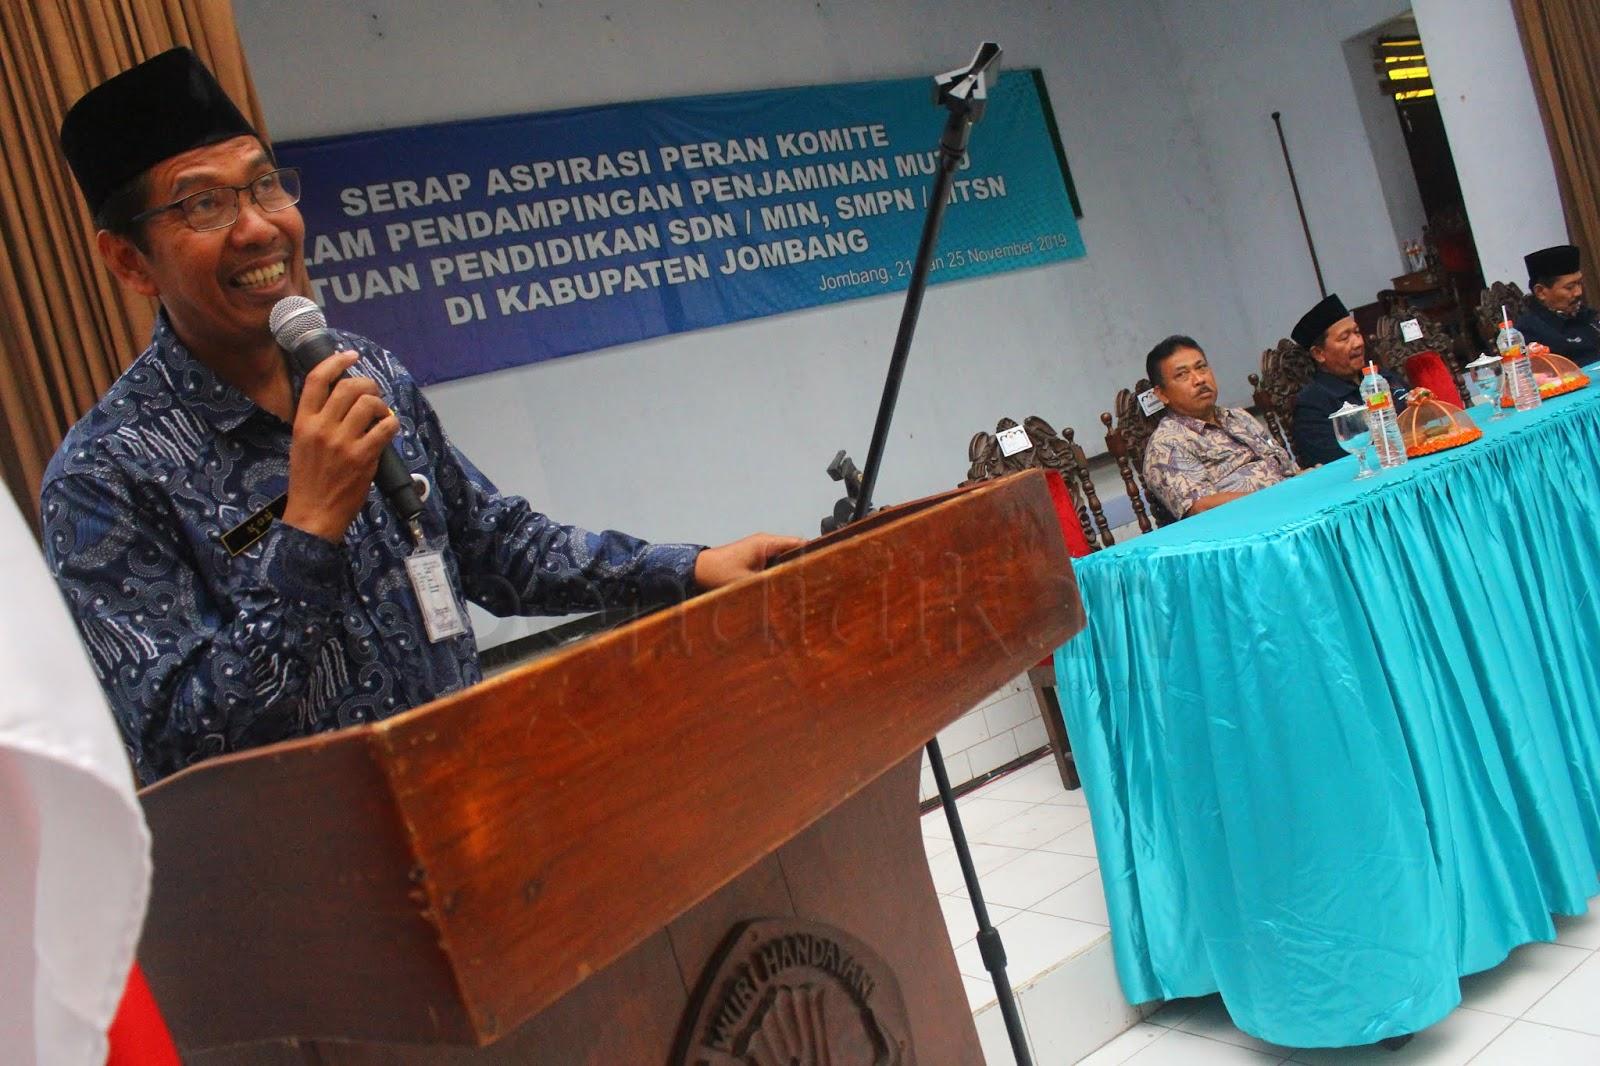 Serap Aspirasi Komite Sekolah Berharap Mutu Pendidikan Semakin Baik